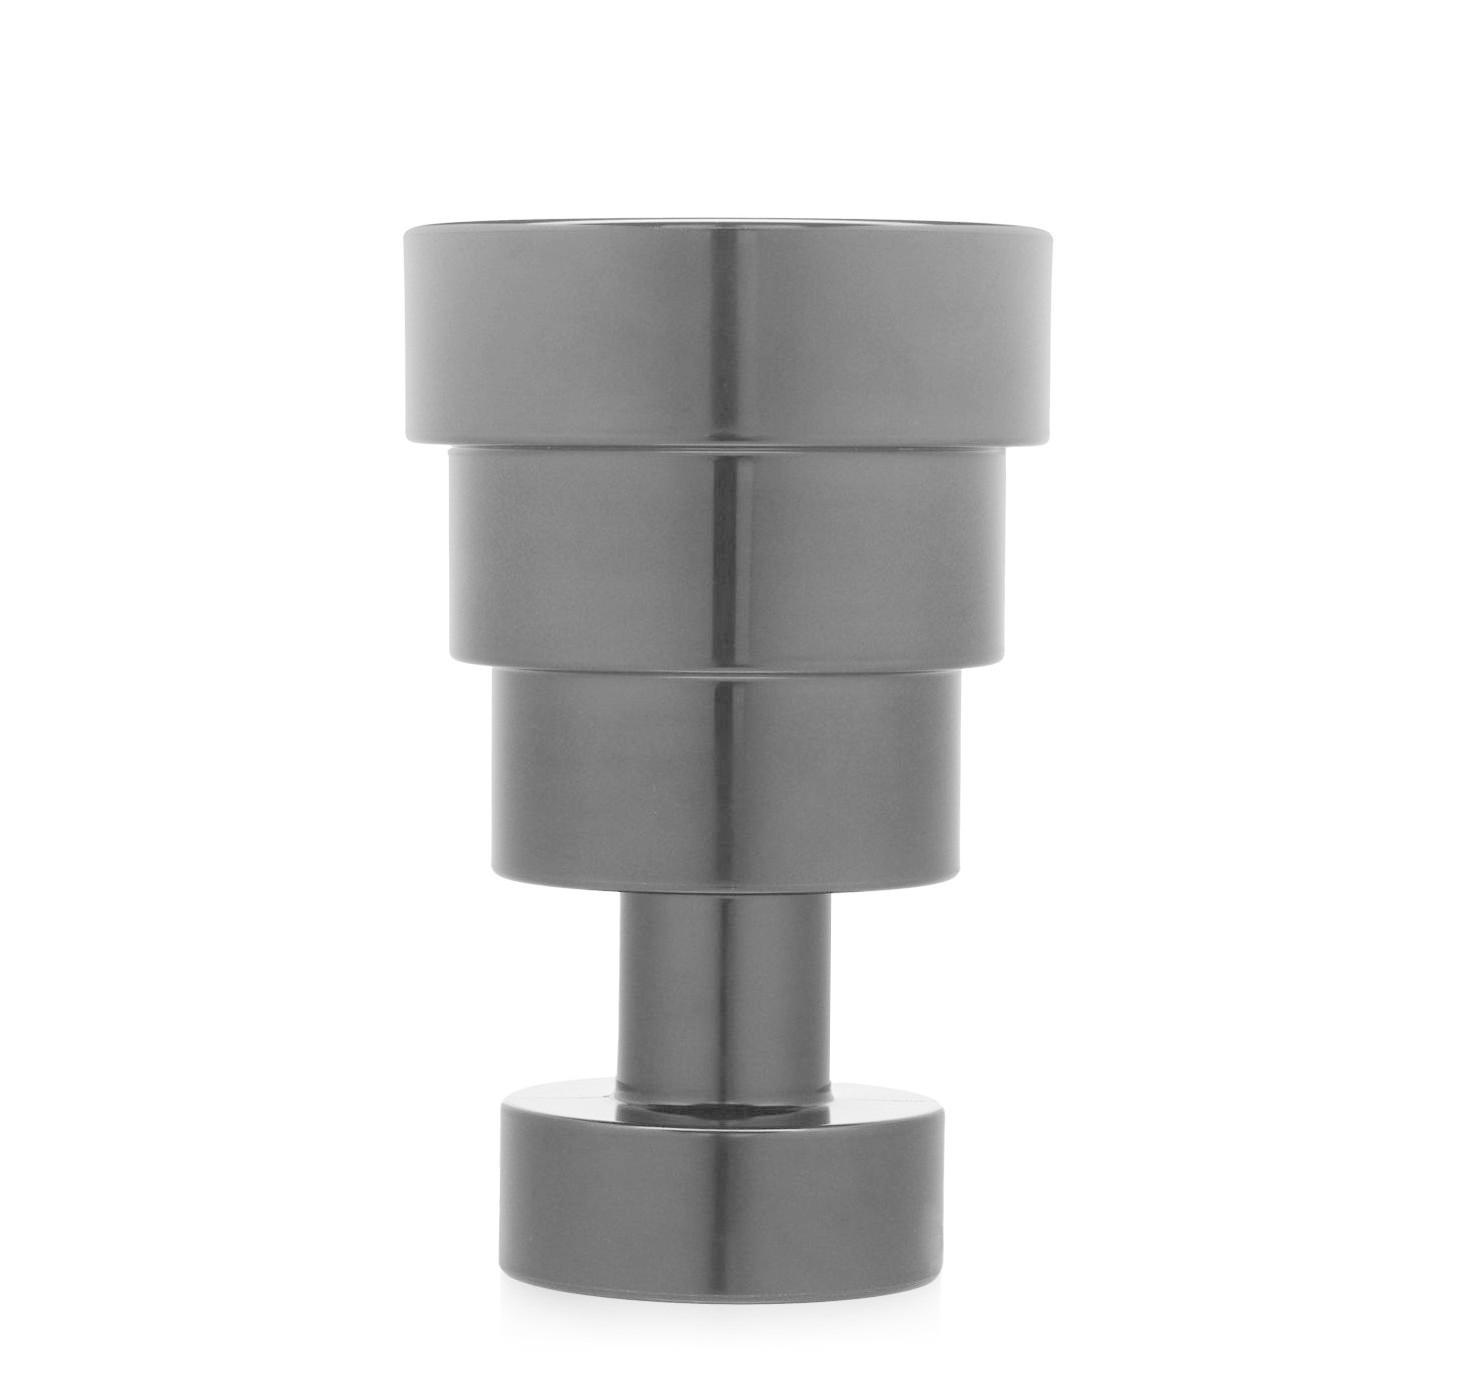 Kartell Kartell Calice Vase in Black